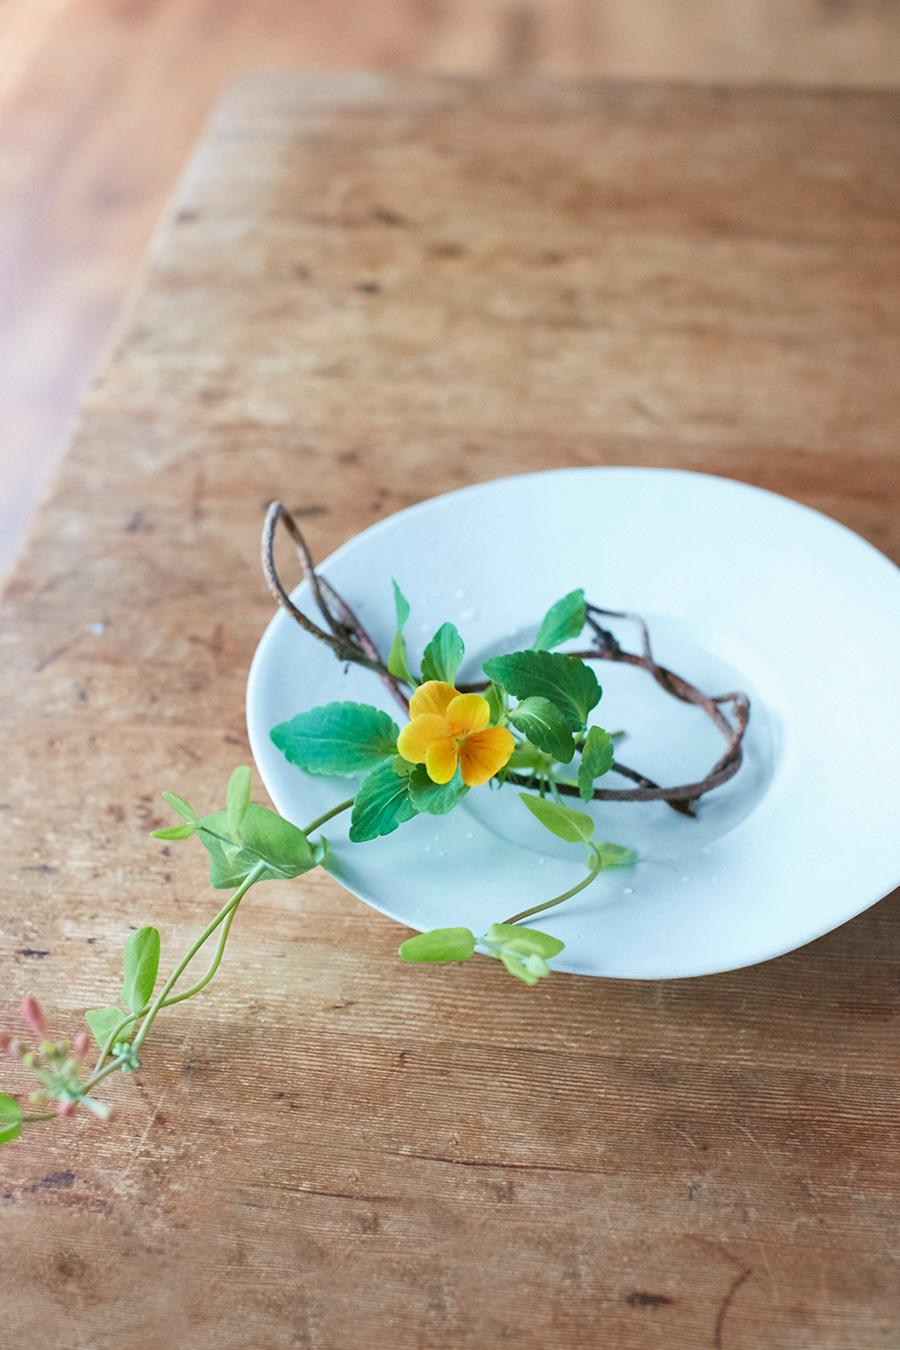 白いお皿に、ビオラとアケビ、ニンドウを生ける。お皿の余白を残して生ける。日常の器と花、その両方が引き立つ。